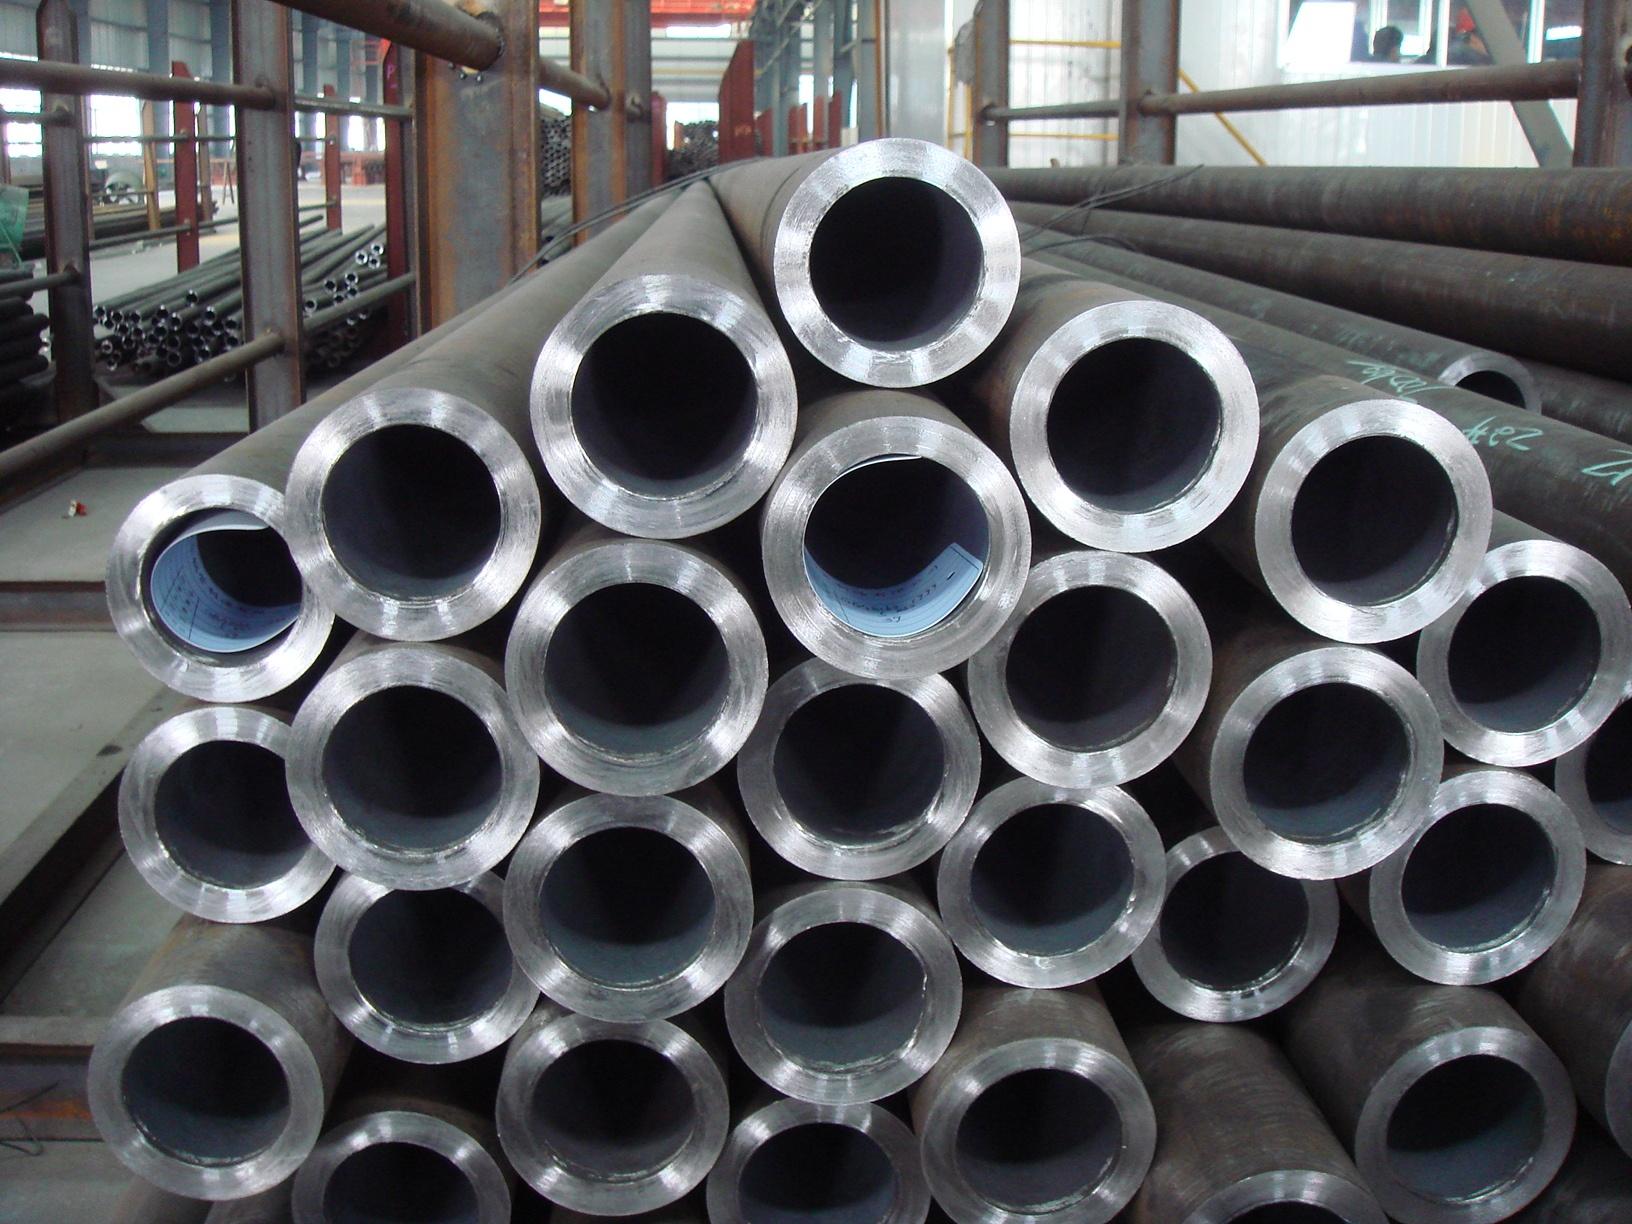 1Cr13不锈钢管1Cr13管材,1Cr13不锈钢管生产厂家,1Cr13不锈钢价格,品质保证